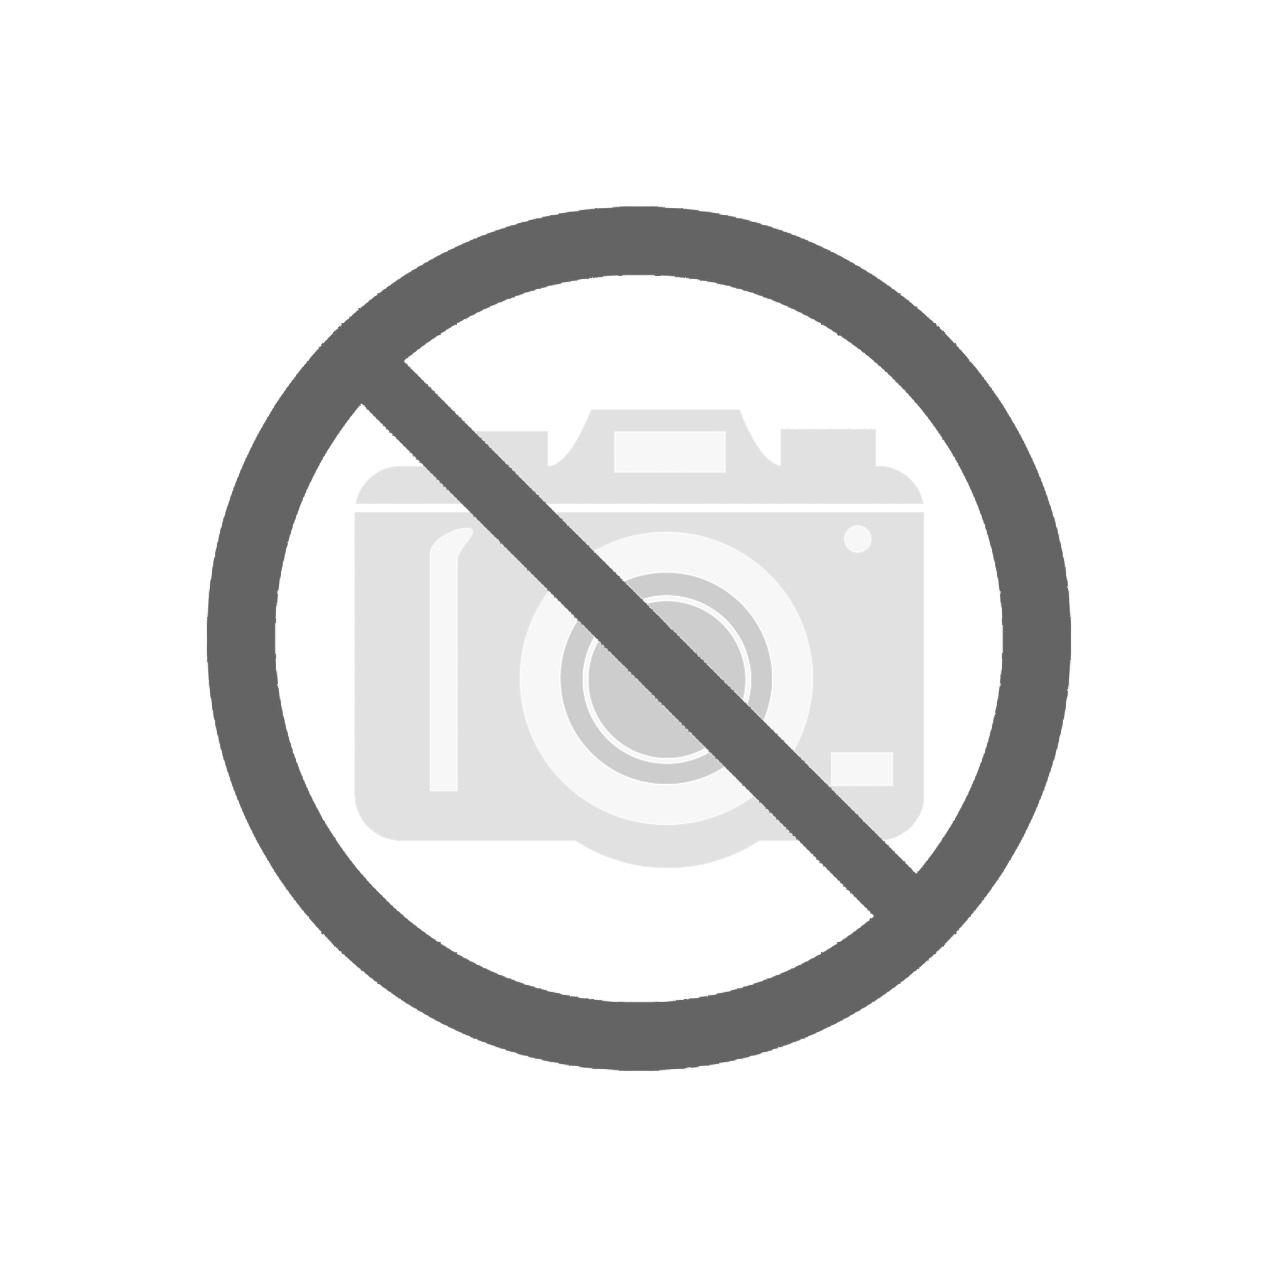 Taśma szlifierska 200 x 50000 mm - G 24 * BERNARDO